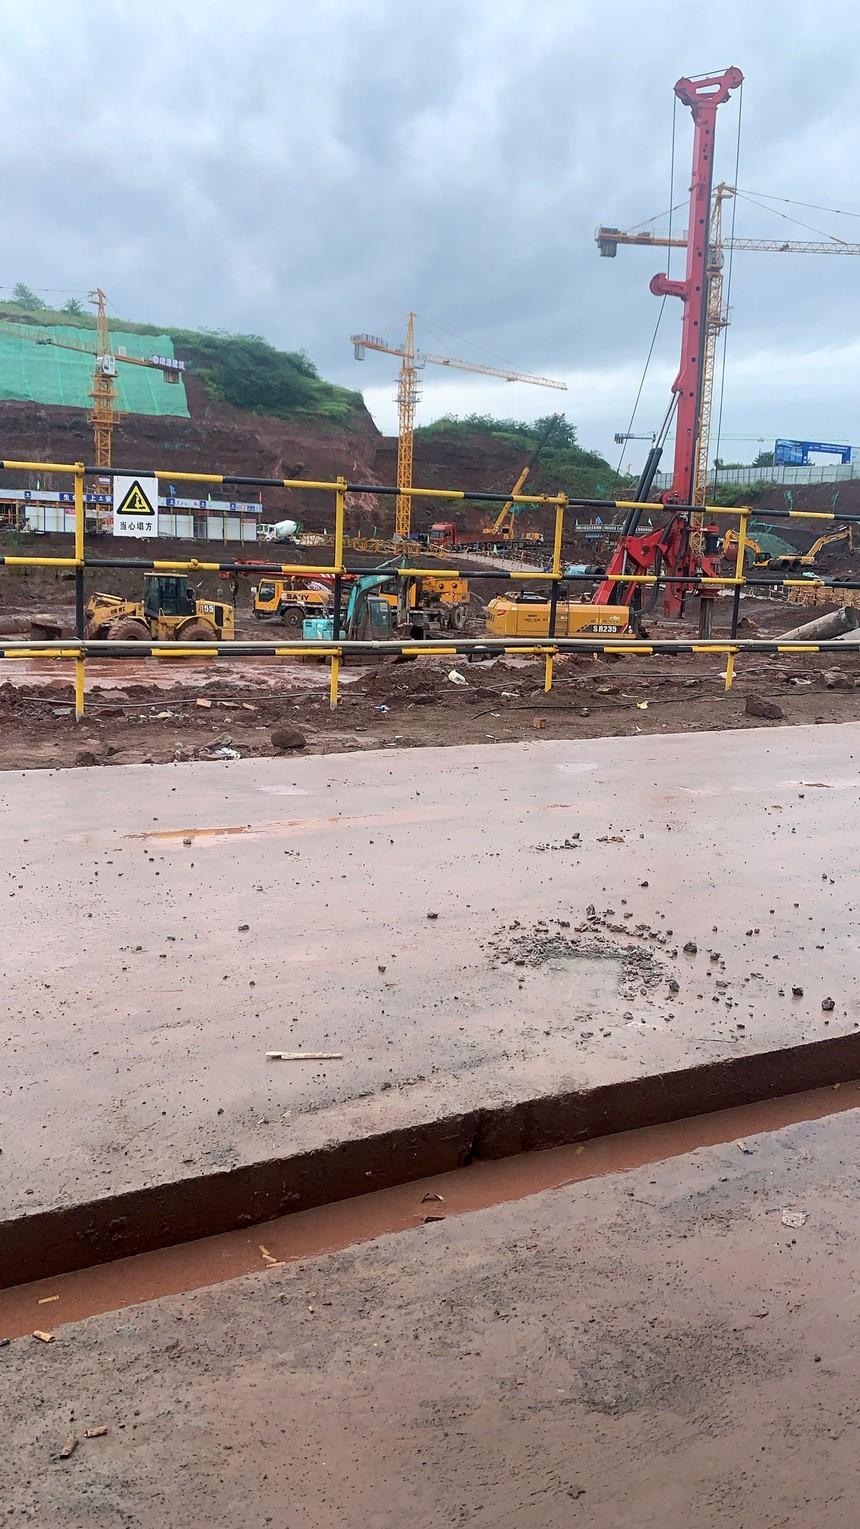 旋挖钻机班组安全三级教育试卷,旋挖机发动机进气胶管脱落原因及改进措施